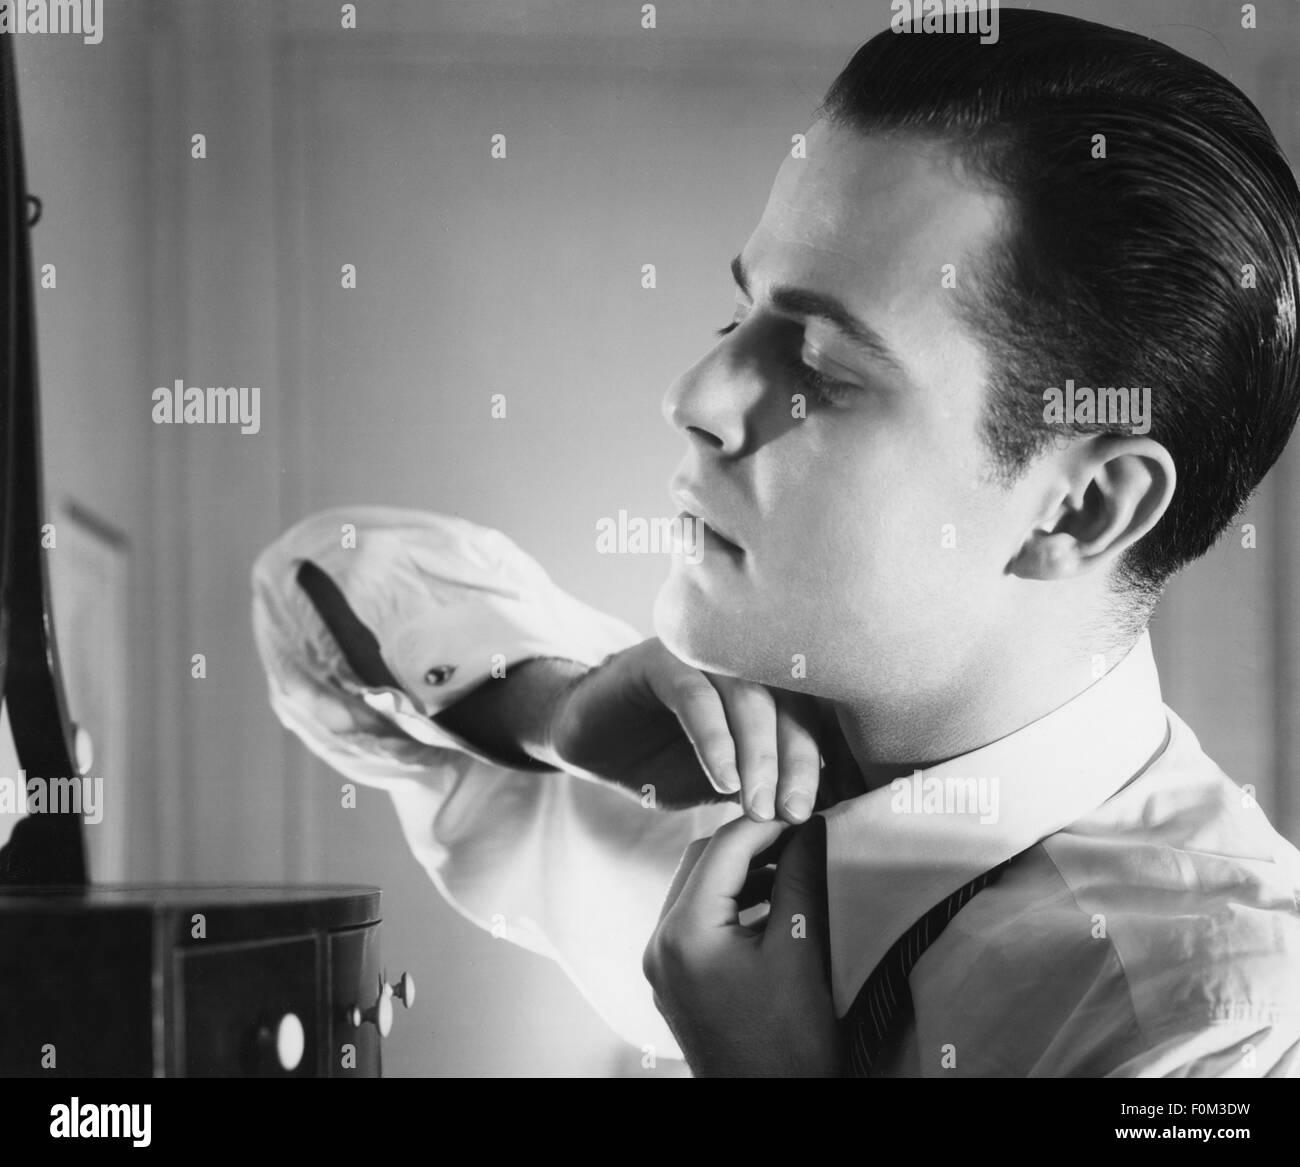 Personas, hombres, retrato / longitud media - 60s, hombre abotonarse la camisa hasta 1960, Additional-Rights-Clearences Imagen De Stock